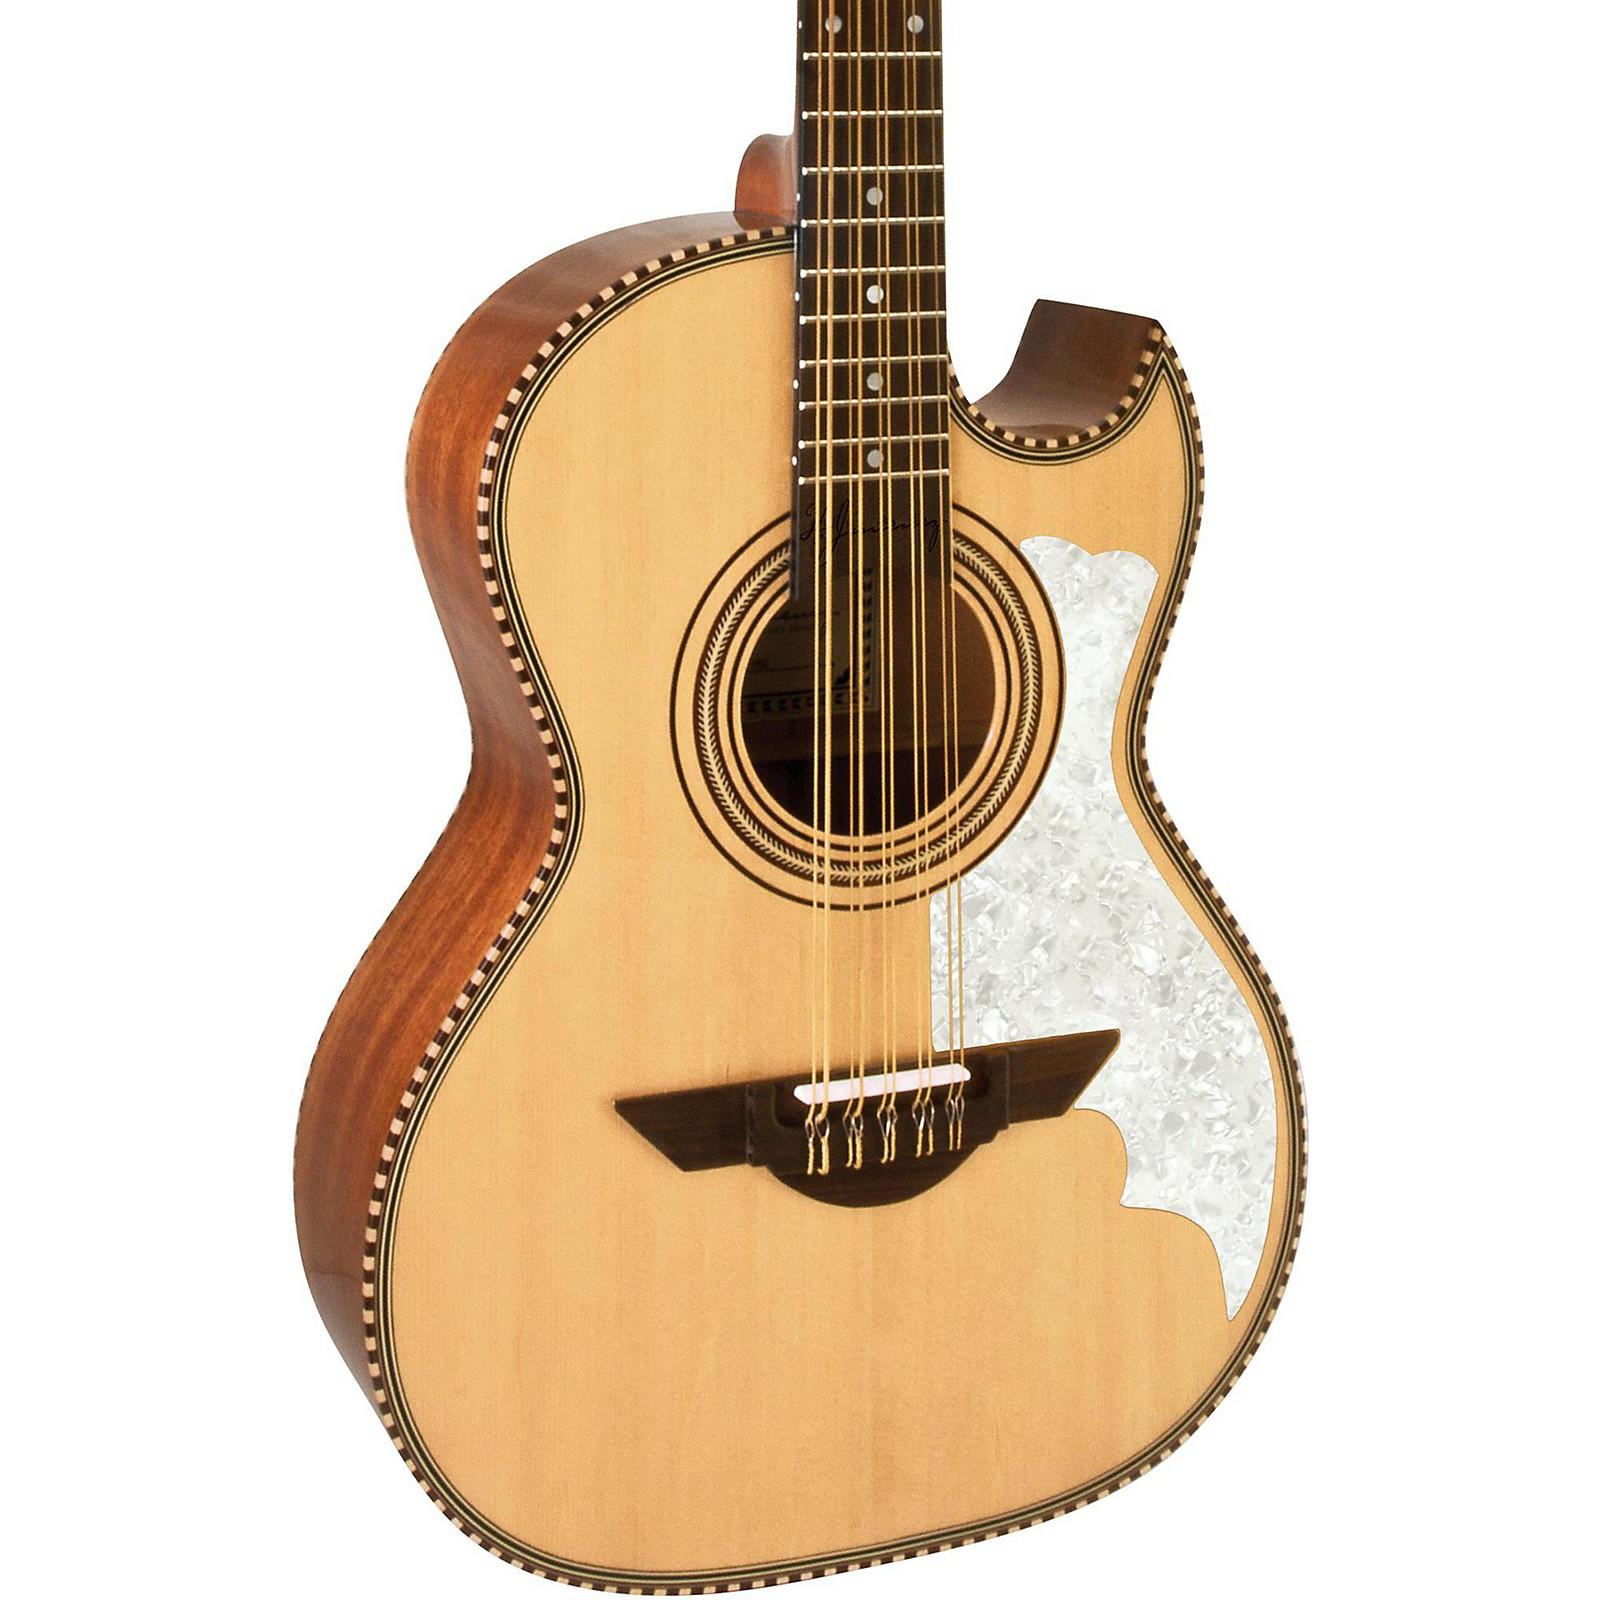 H. Jimenez LBQ2E El Musico (The Musician) Full Body Bajo Quinto Acoustic-Electric Guitar